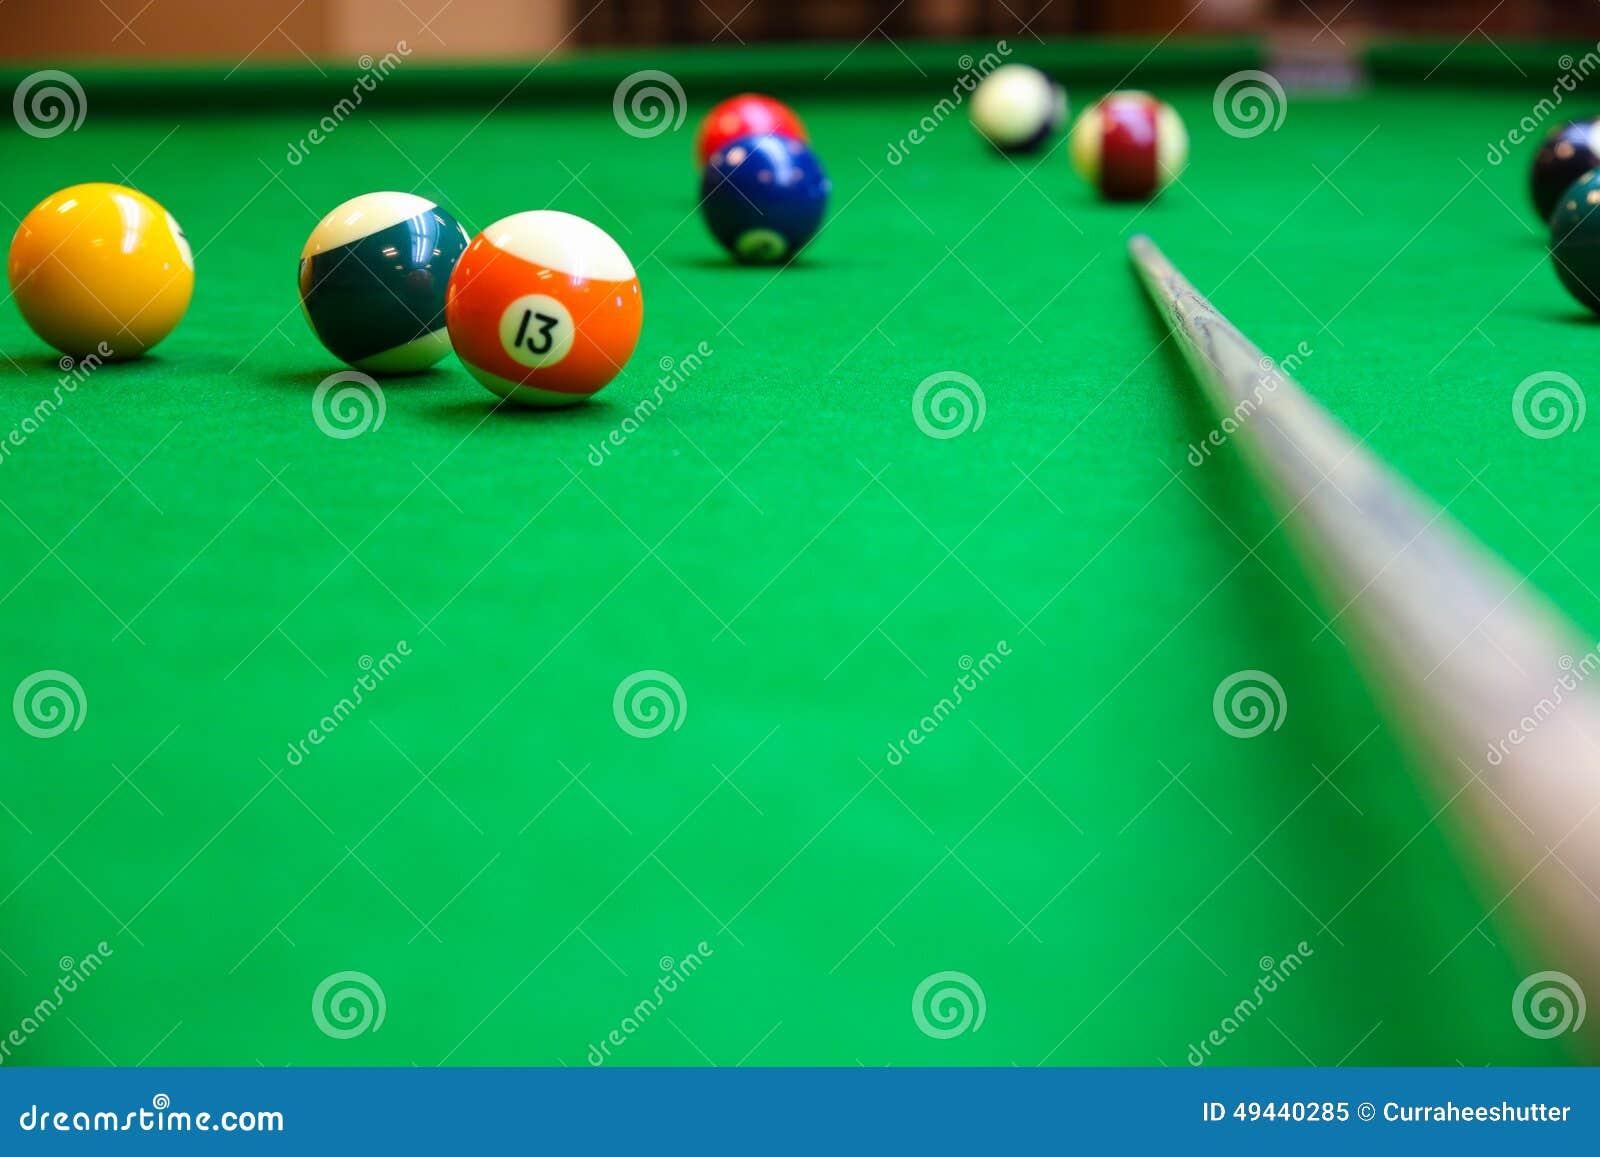 Snookerbal op snookerlijst, Snooker of Poolspel op groene lijst, Internationale sport